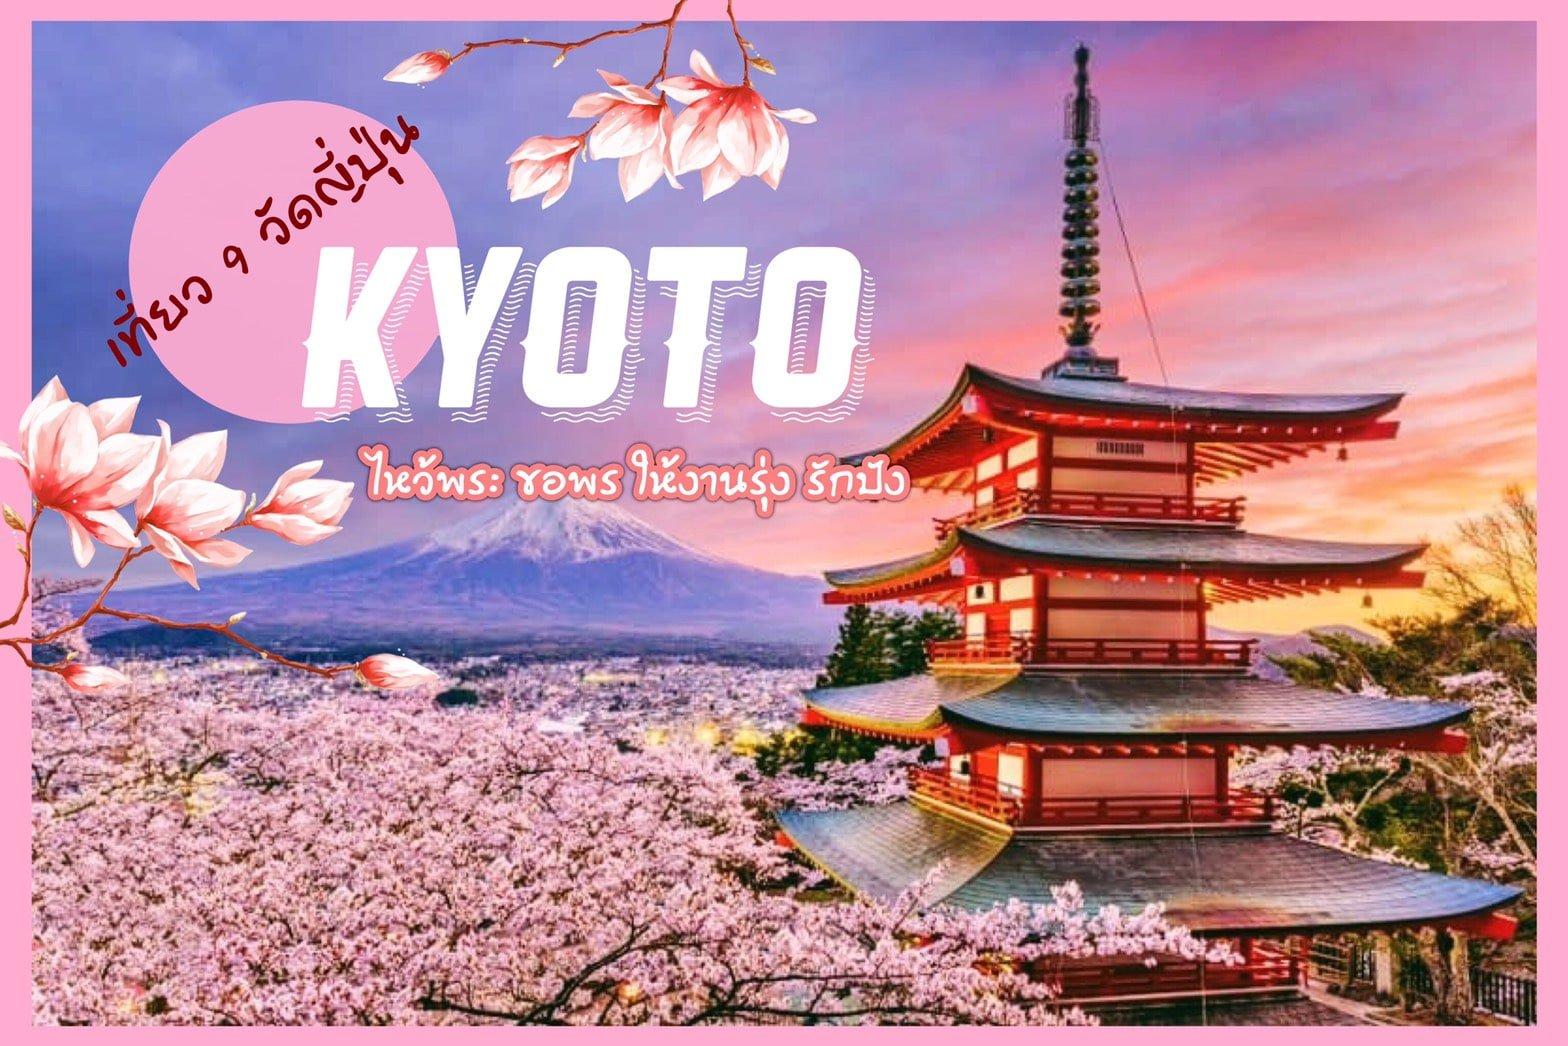 ทัวร์ญี่ปุ่น – เที่ยว 9 วัดในญี่ปุ่น ไหว้พระ ขอพร  ให้งานรุ่ง ความรักปัง